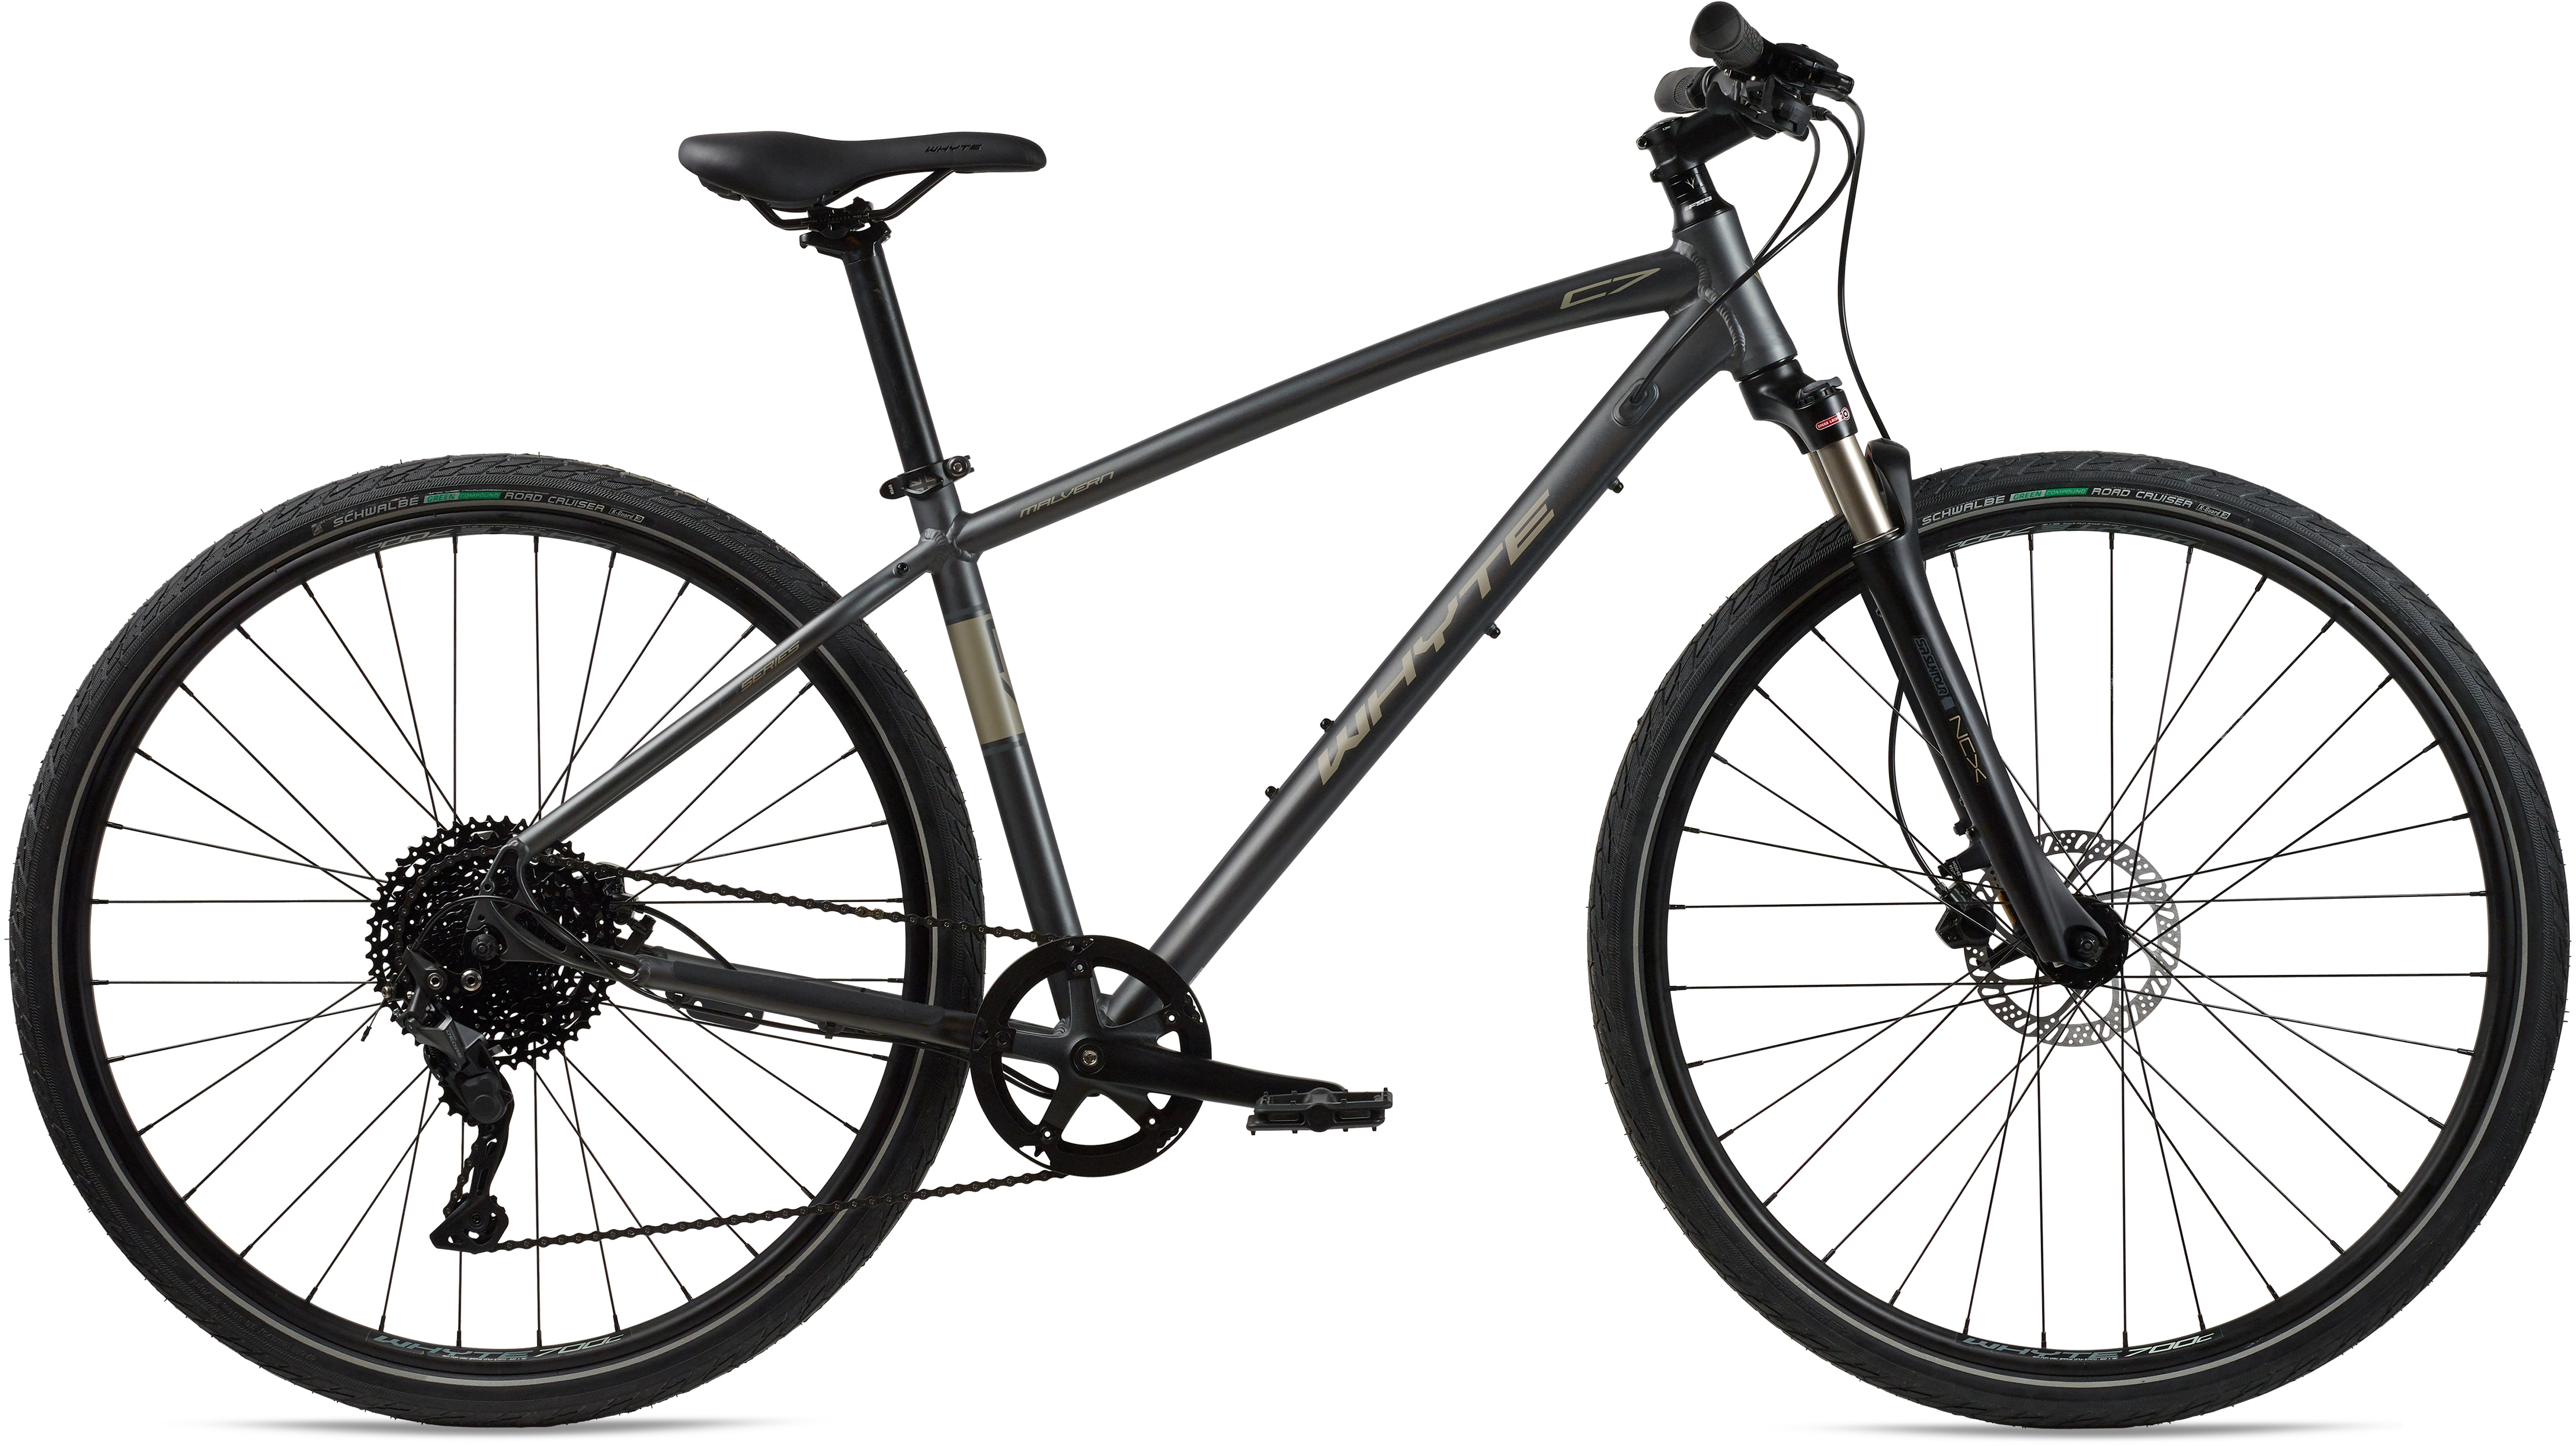 Whyte Bikes Crossrad, Kettenschaltung grau Crossräder Fahrräder Zubehör Fahrrad